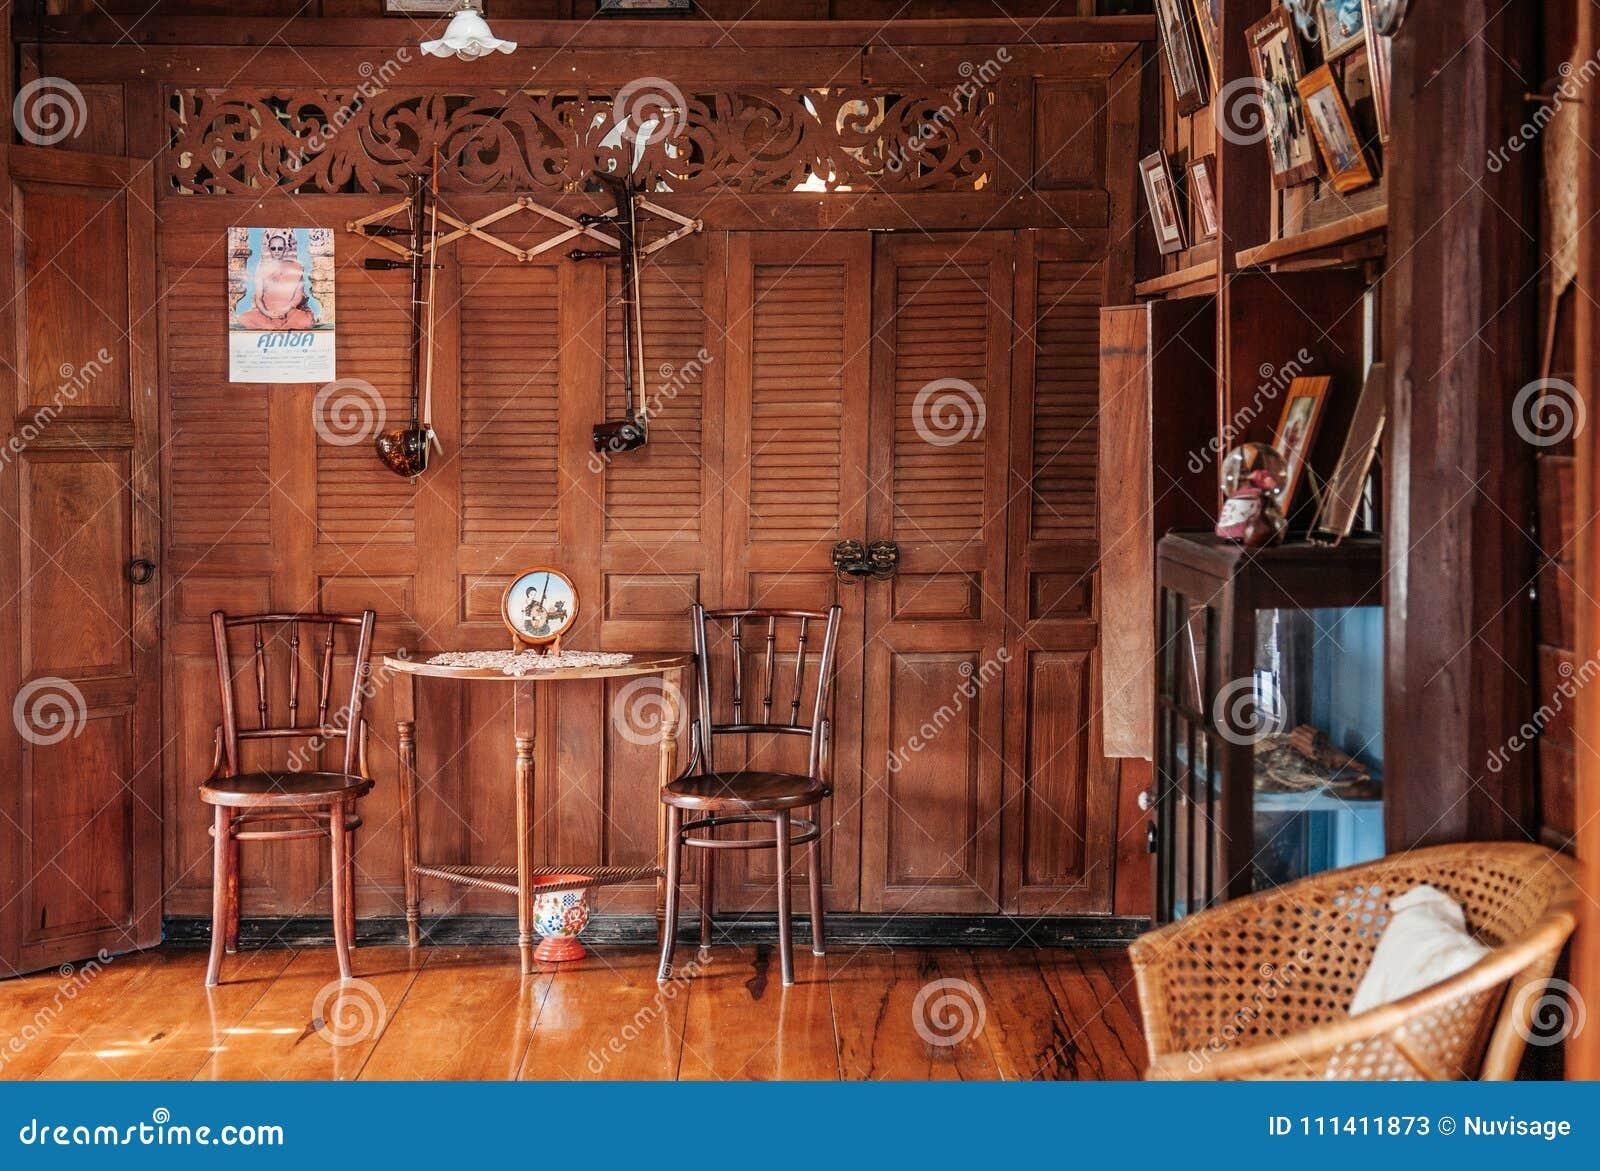 Decoration Interieure De Concept De Maison De Campagne En